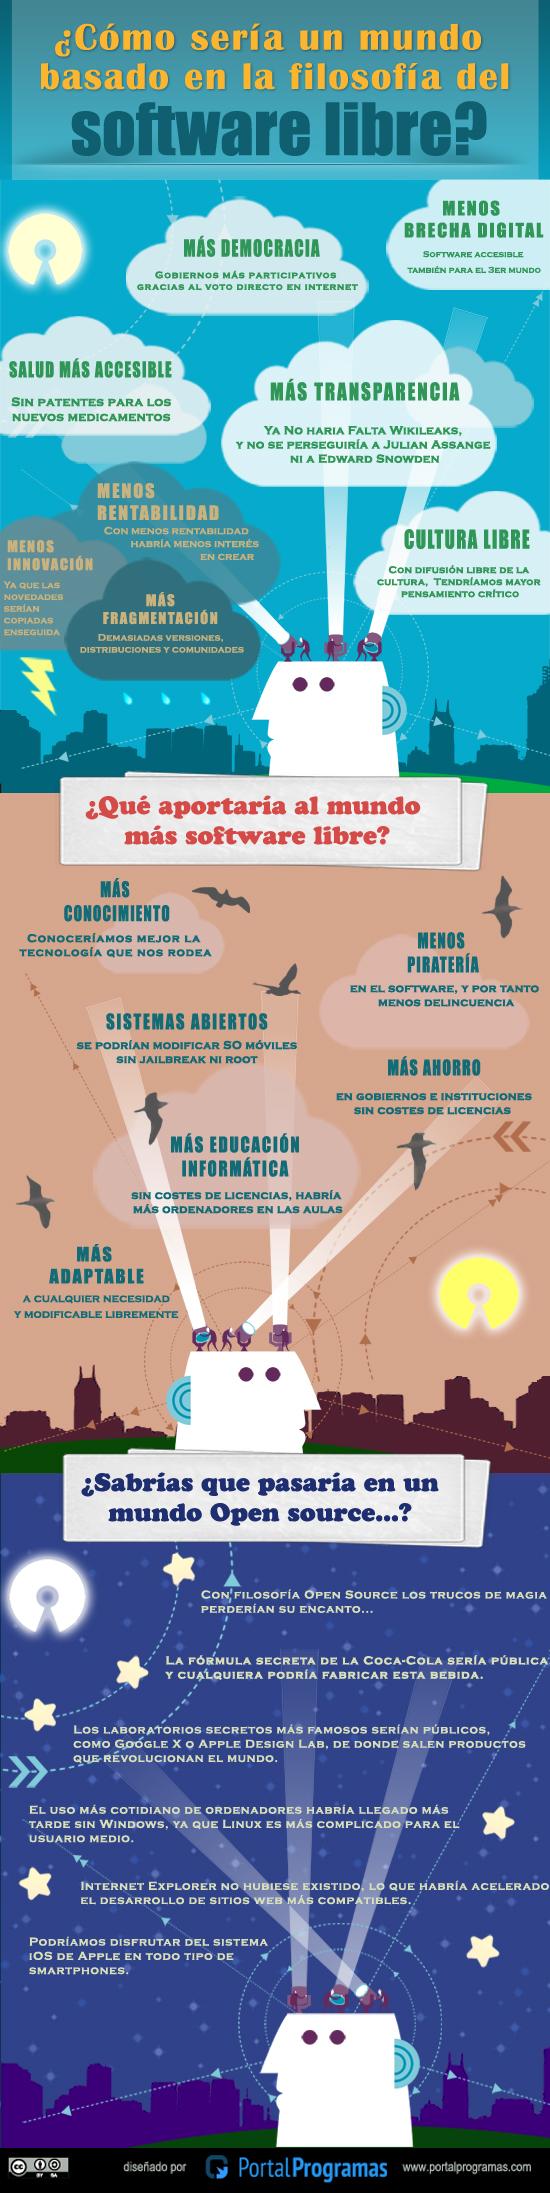 Cómo sería el mundo según el software libre